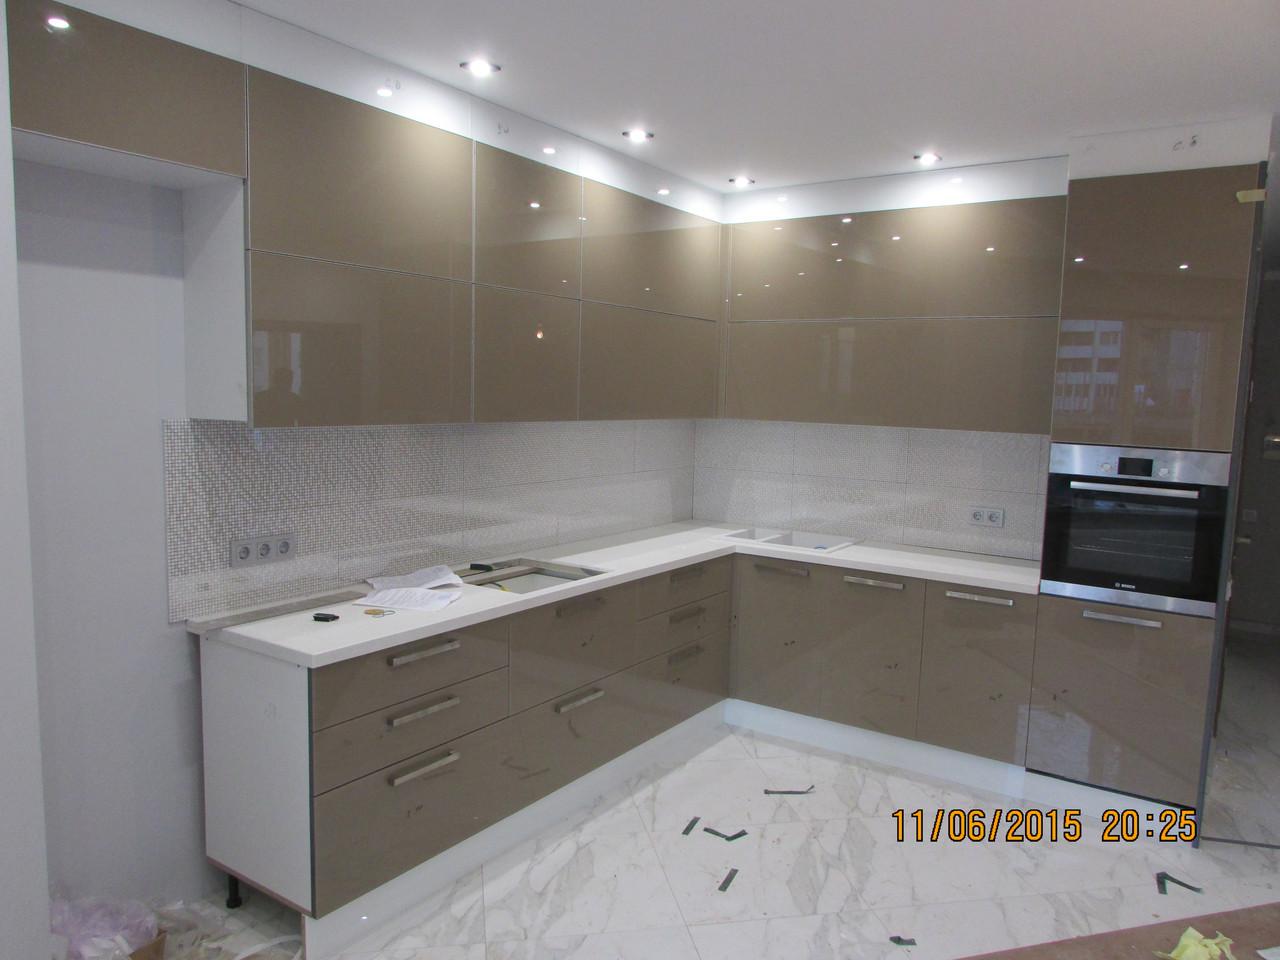 кухня со стеклянными фасадами цена 9 800 грнпогм купить в